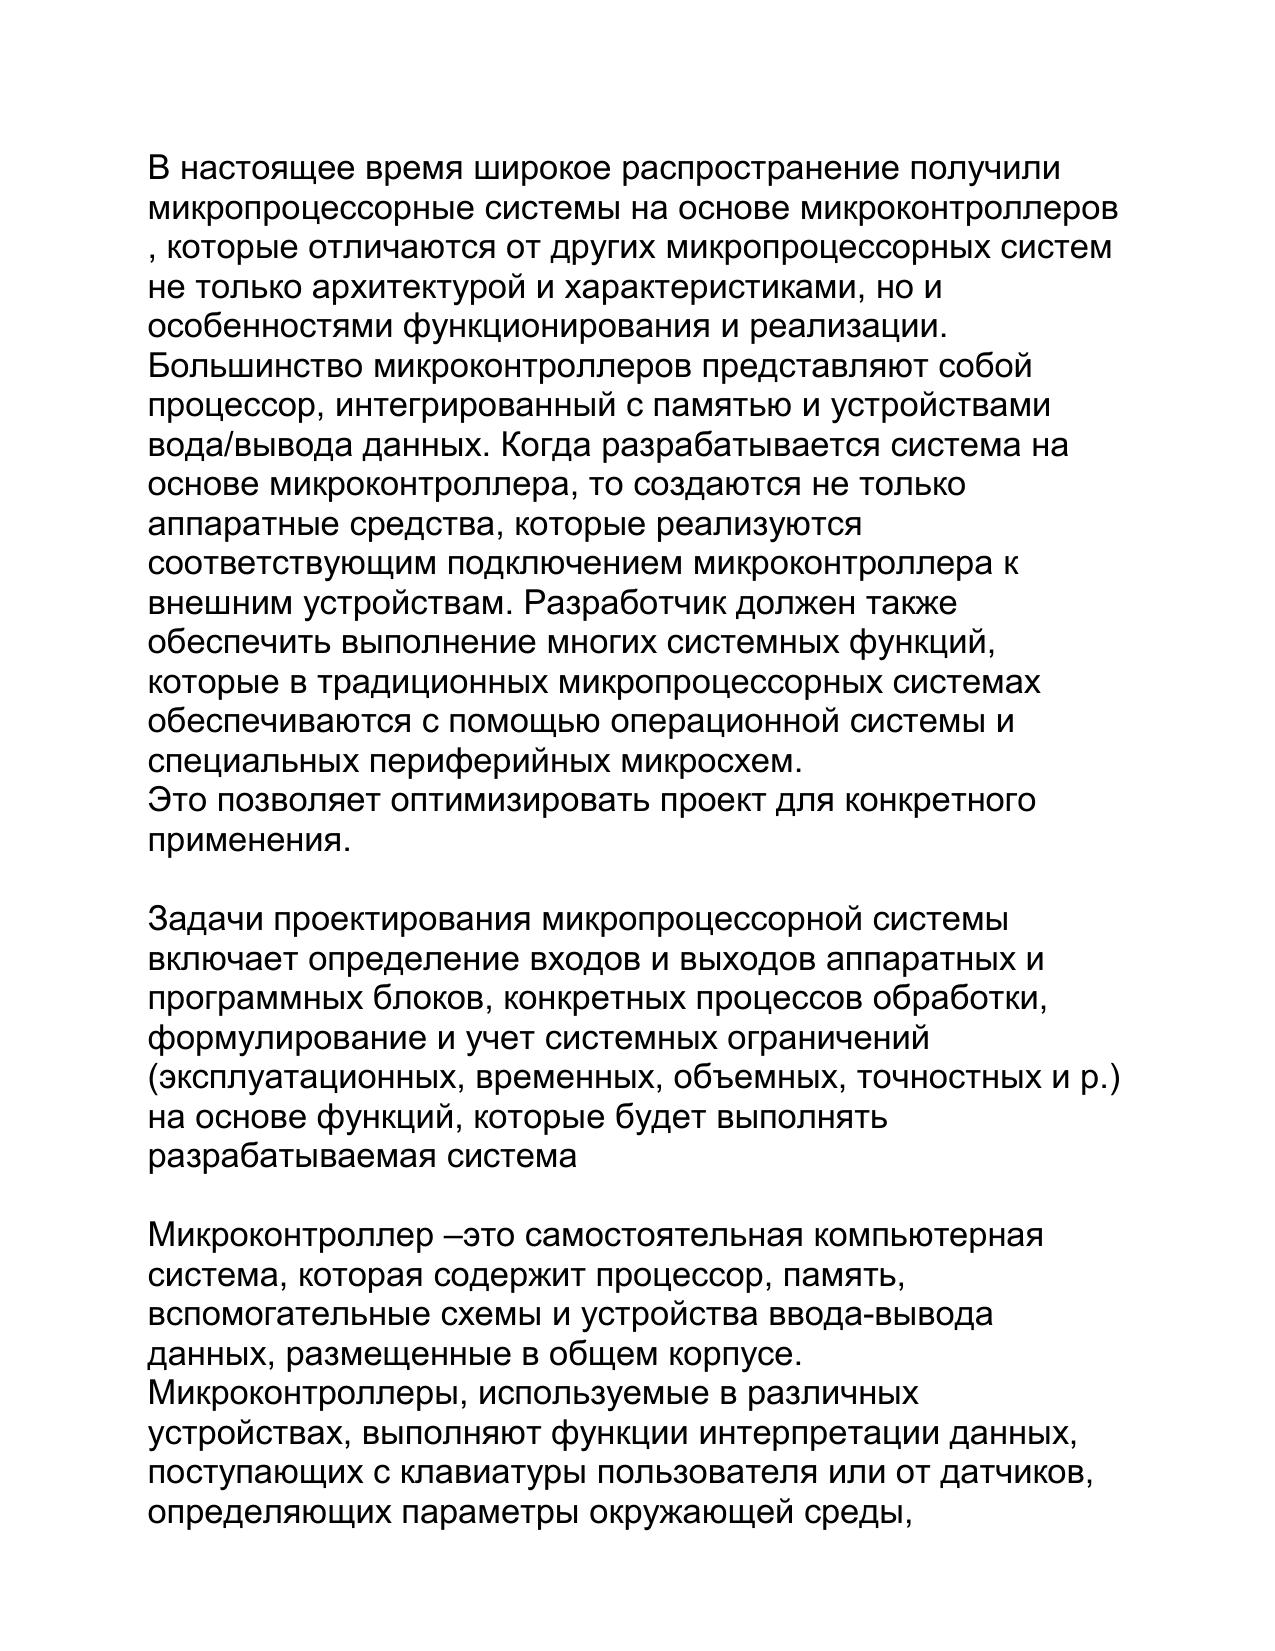 Министерство путей сообщения — википедия. что такое министерство путей сообщения